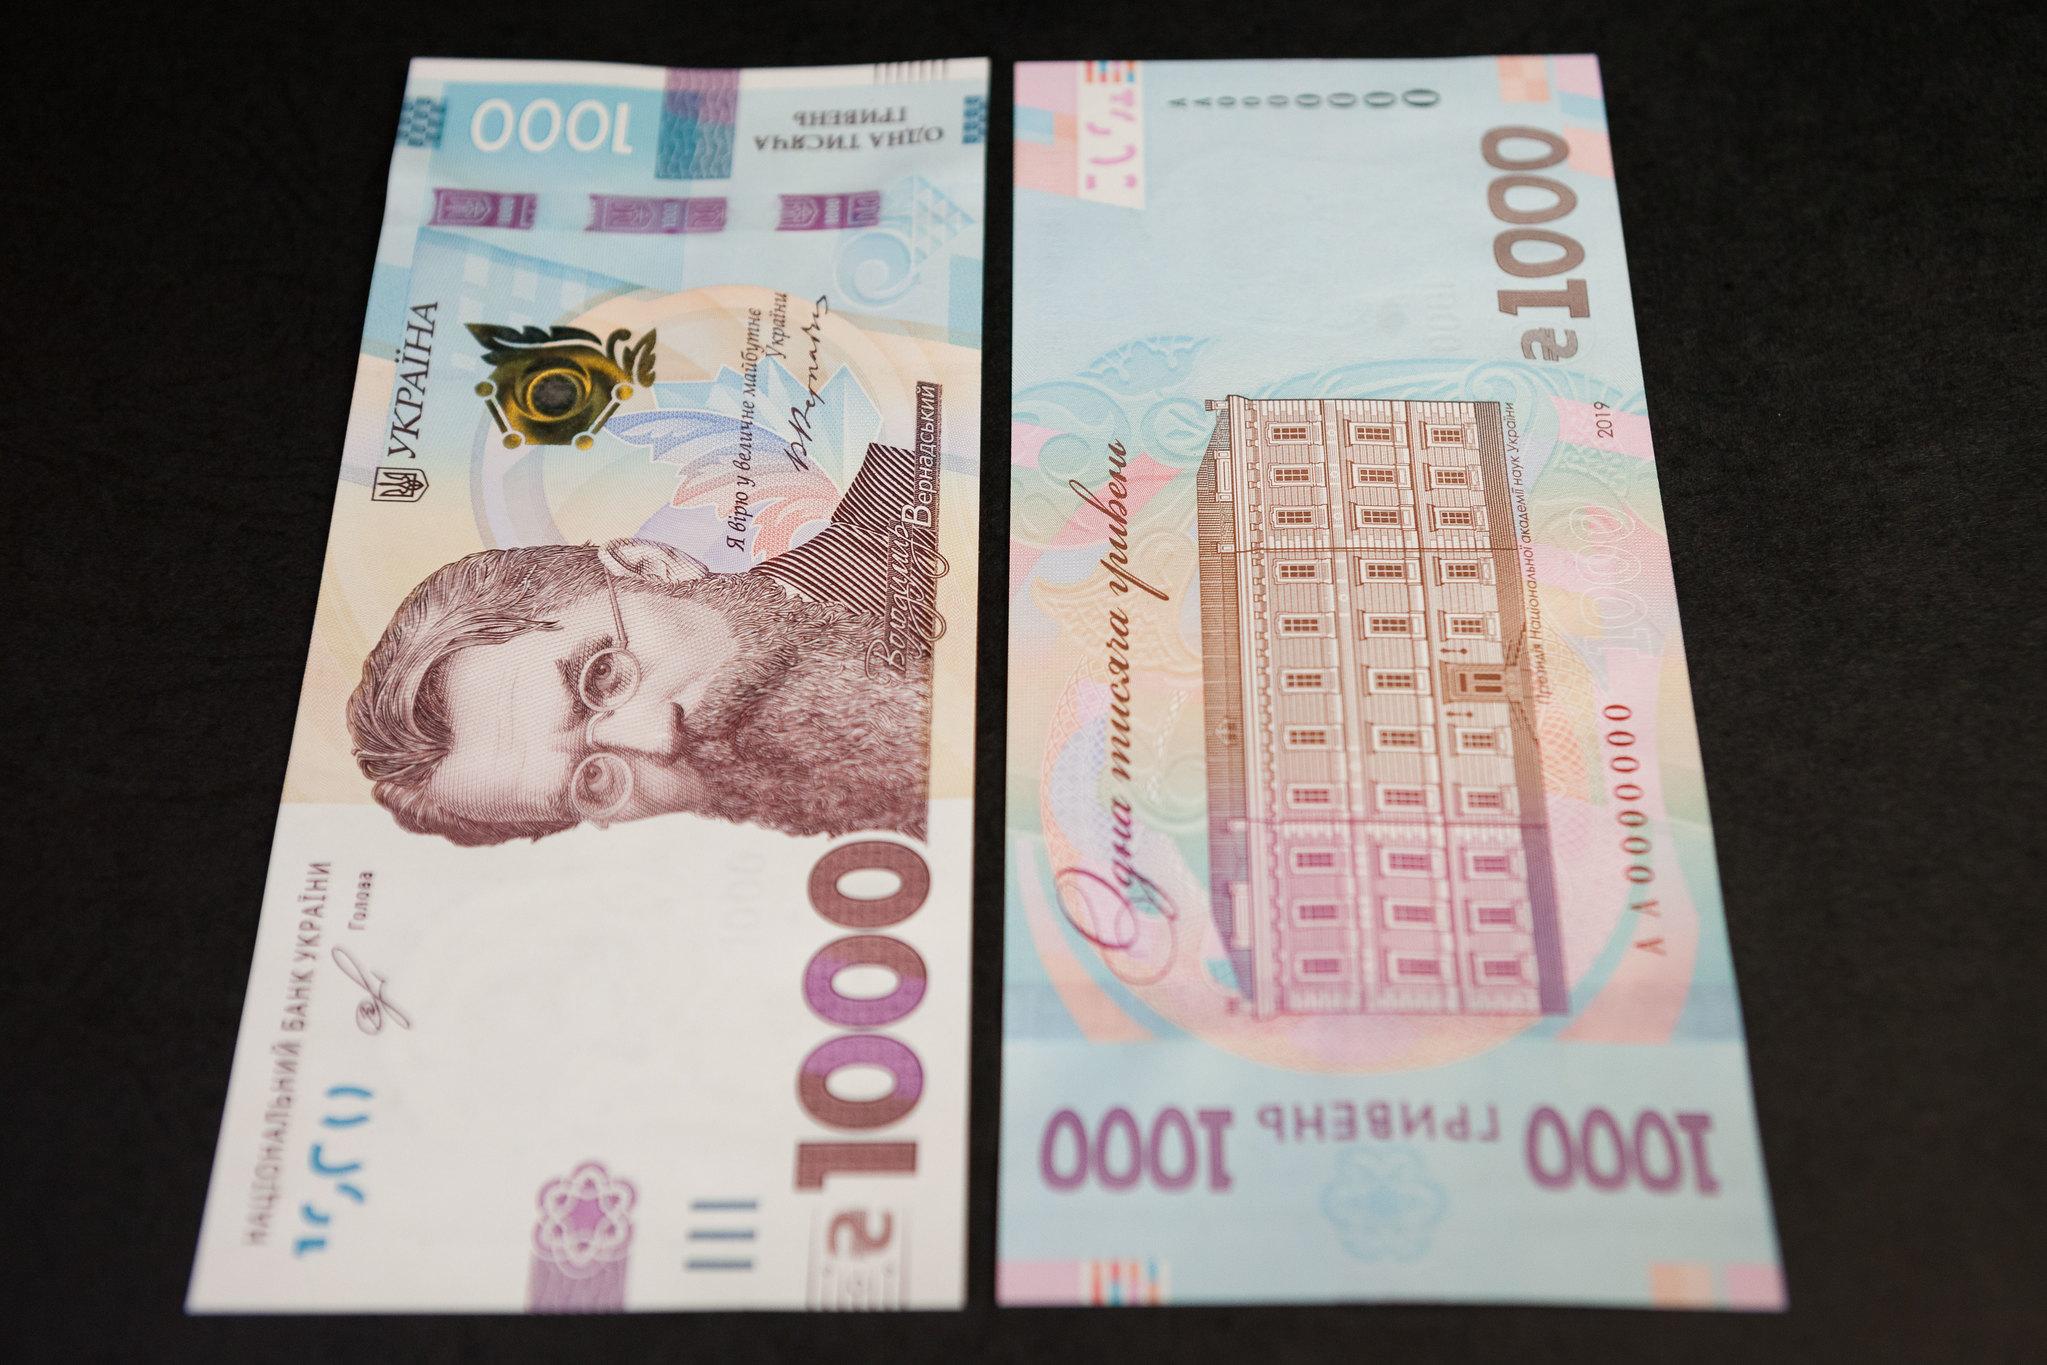 Глава Гознака предложил изменить дизайн российских банкнот - РИА ... | 1365x2047